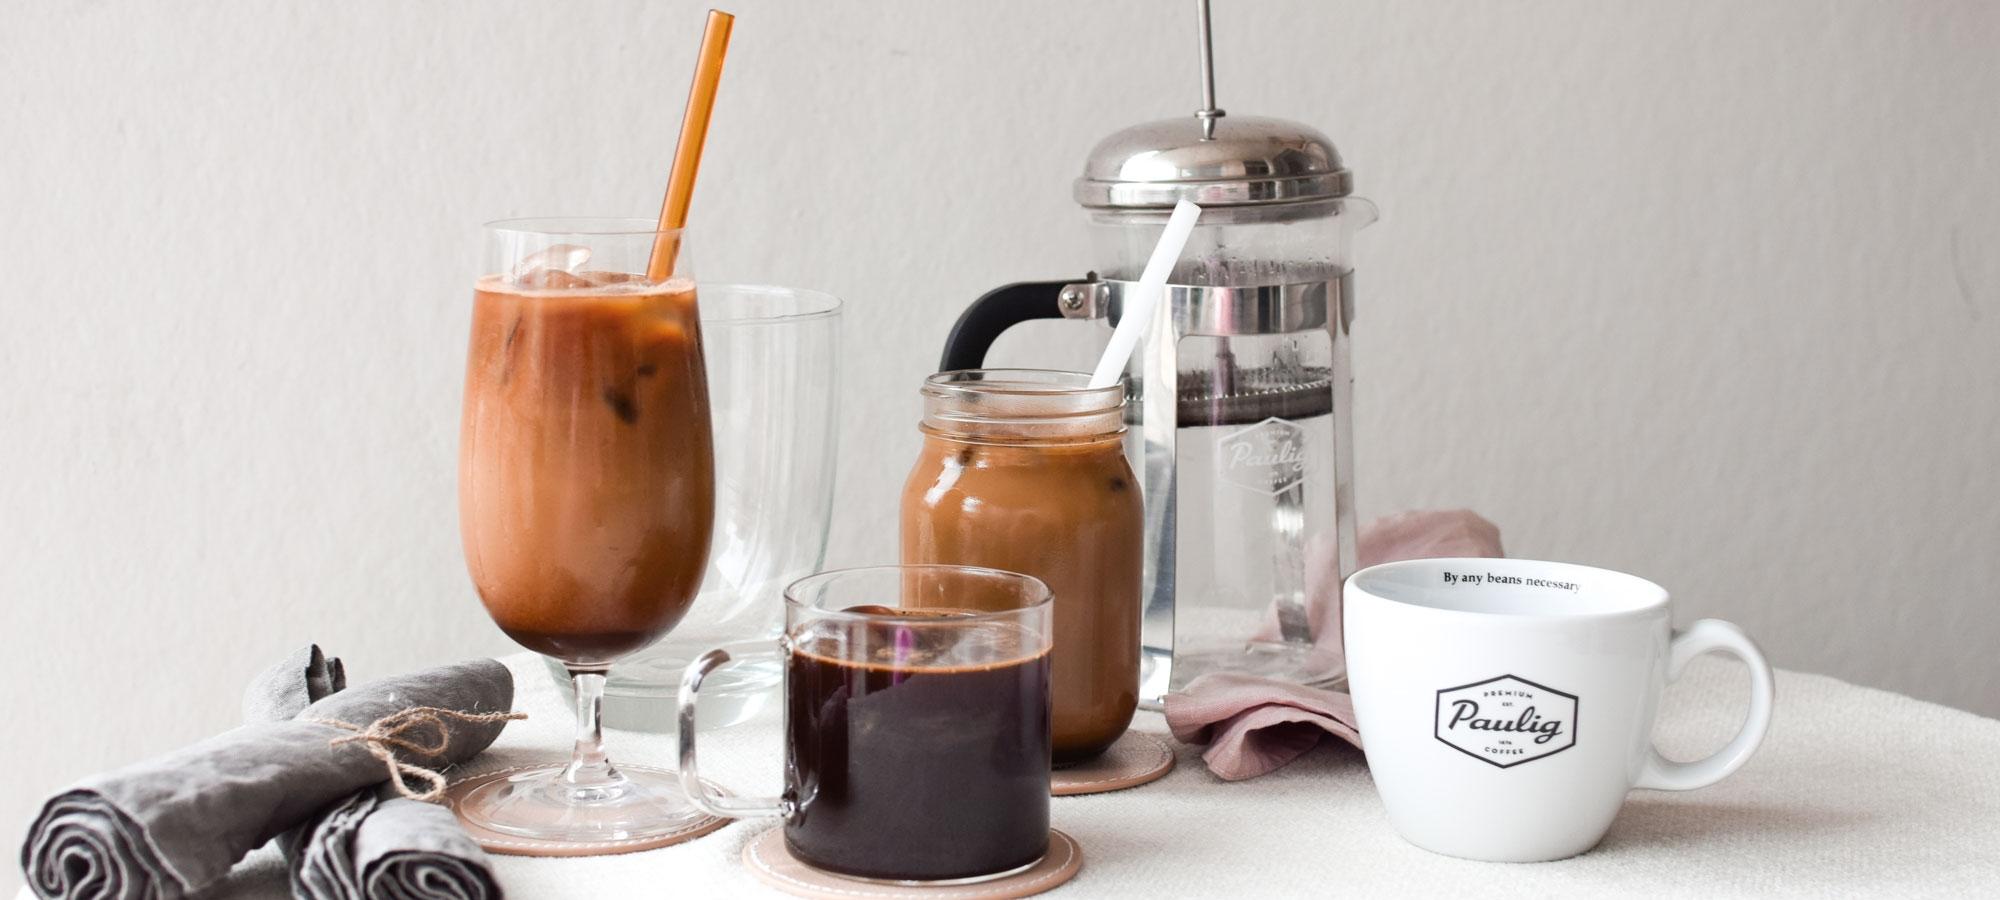 Kylmäuutettu kahvi sopii hieman kokeneemmalle kahviharrastelijalle joka haluaa nauttia hyvää jääkahvia